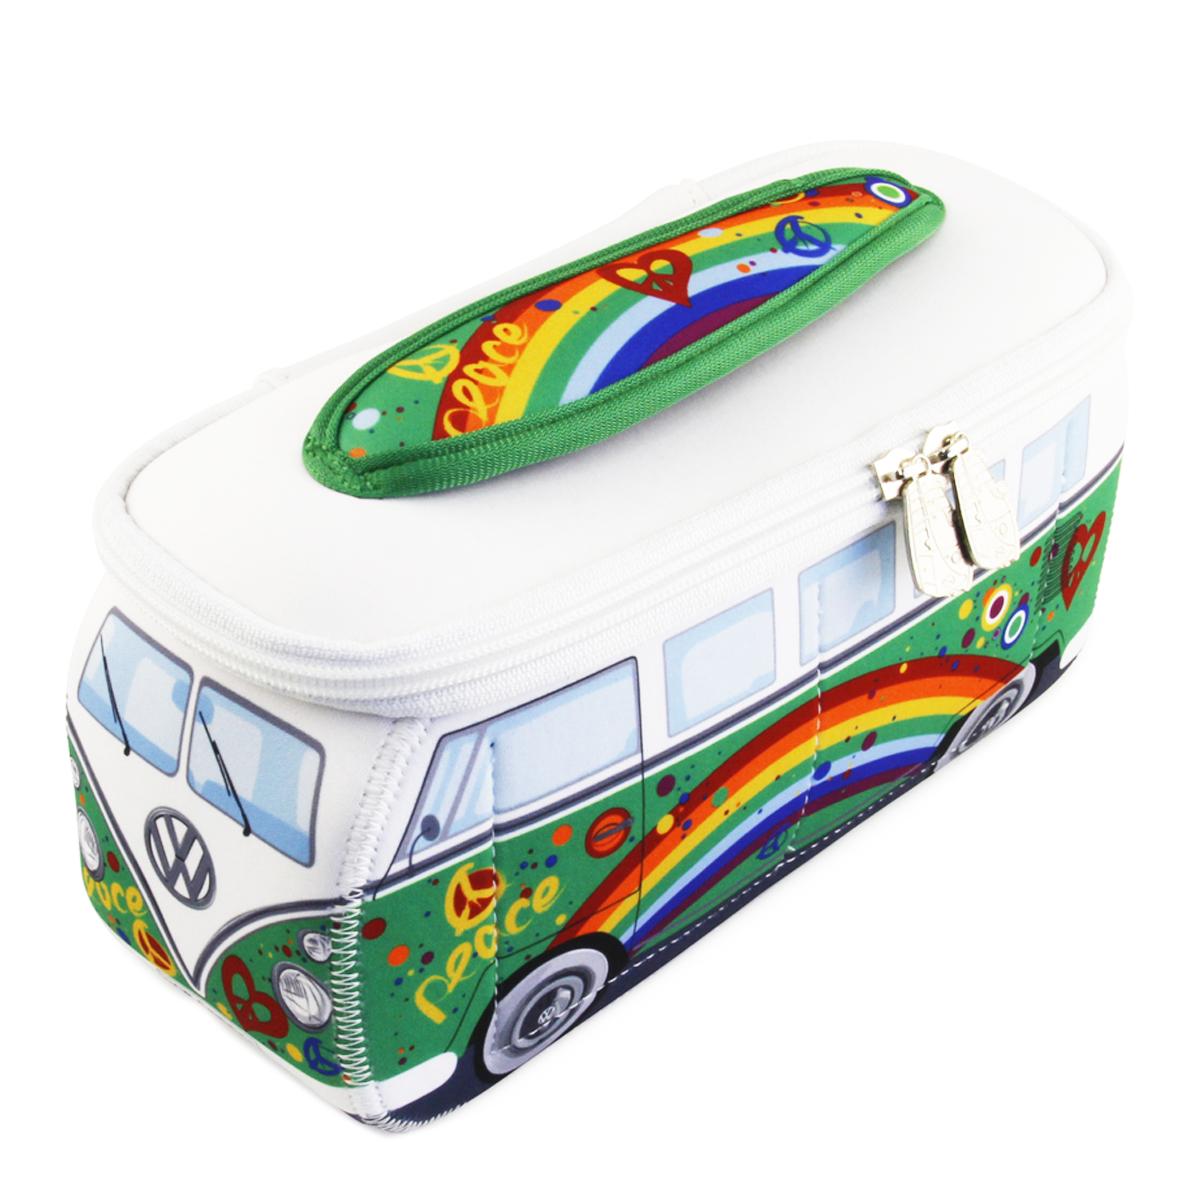 Trousse de toilette \'Volkswagen\' vert multicolore - 23x13x75 cm - [P1132]